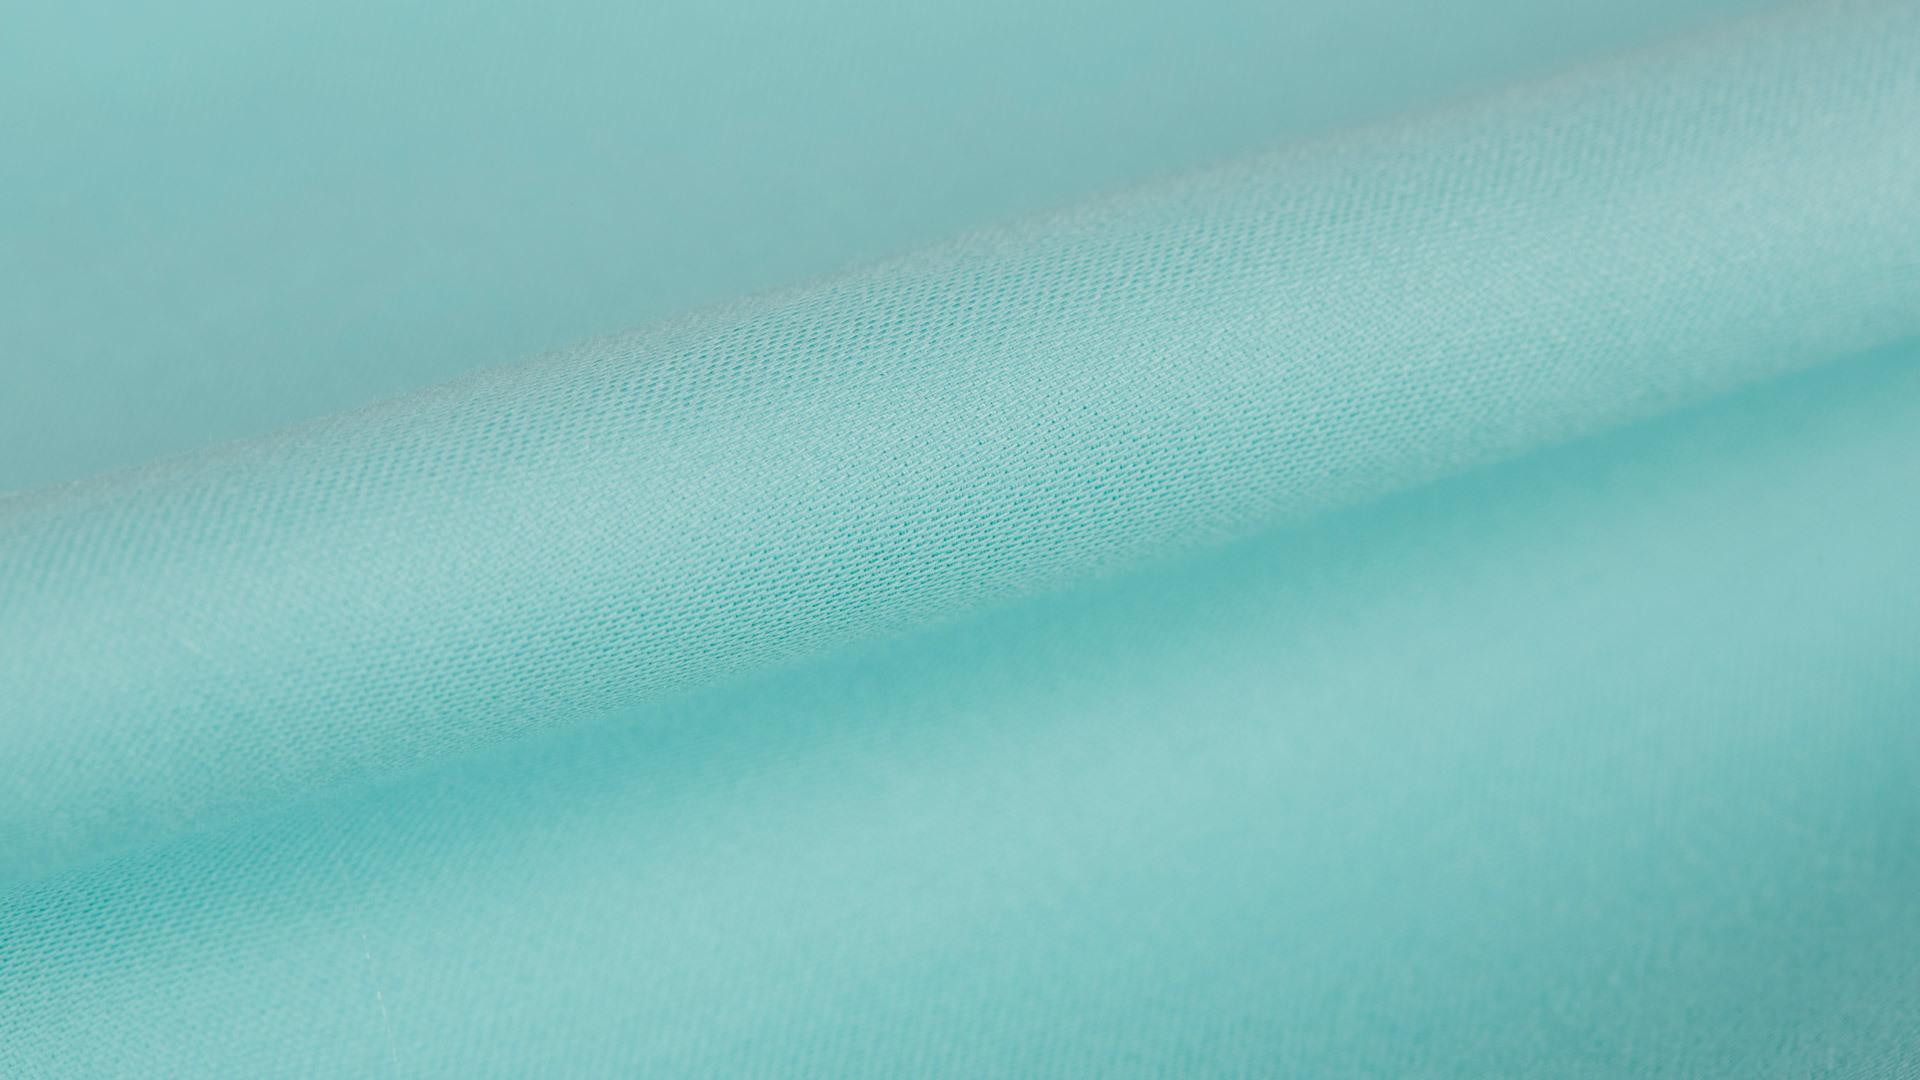 缎纹纺织,享受丝滑质感